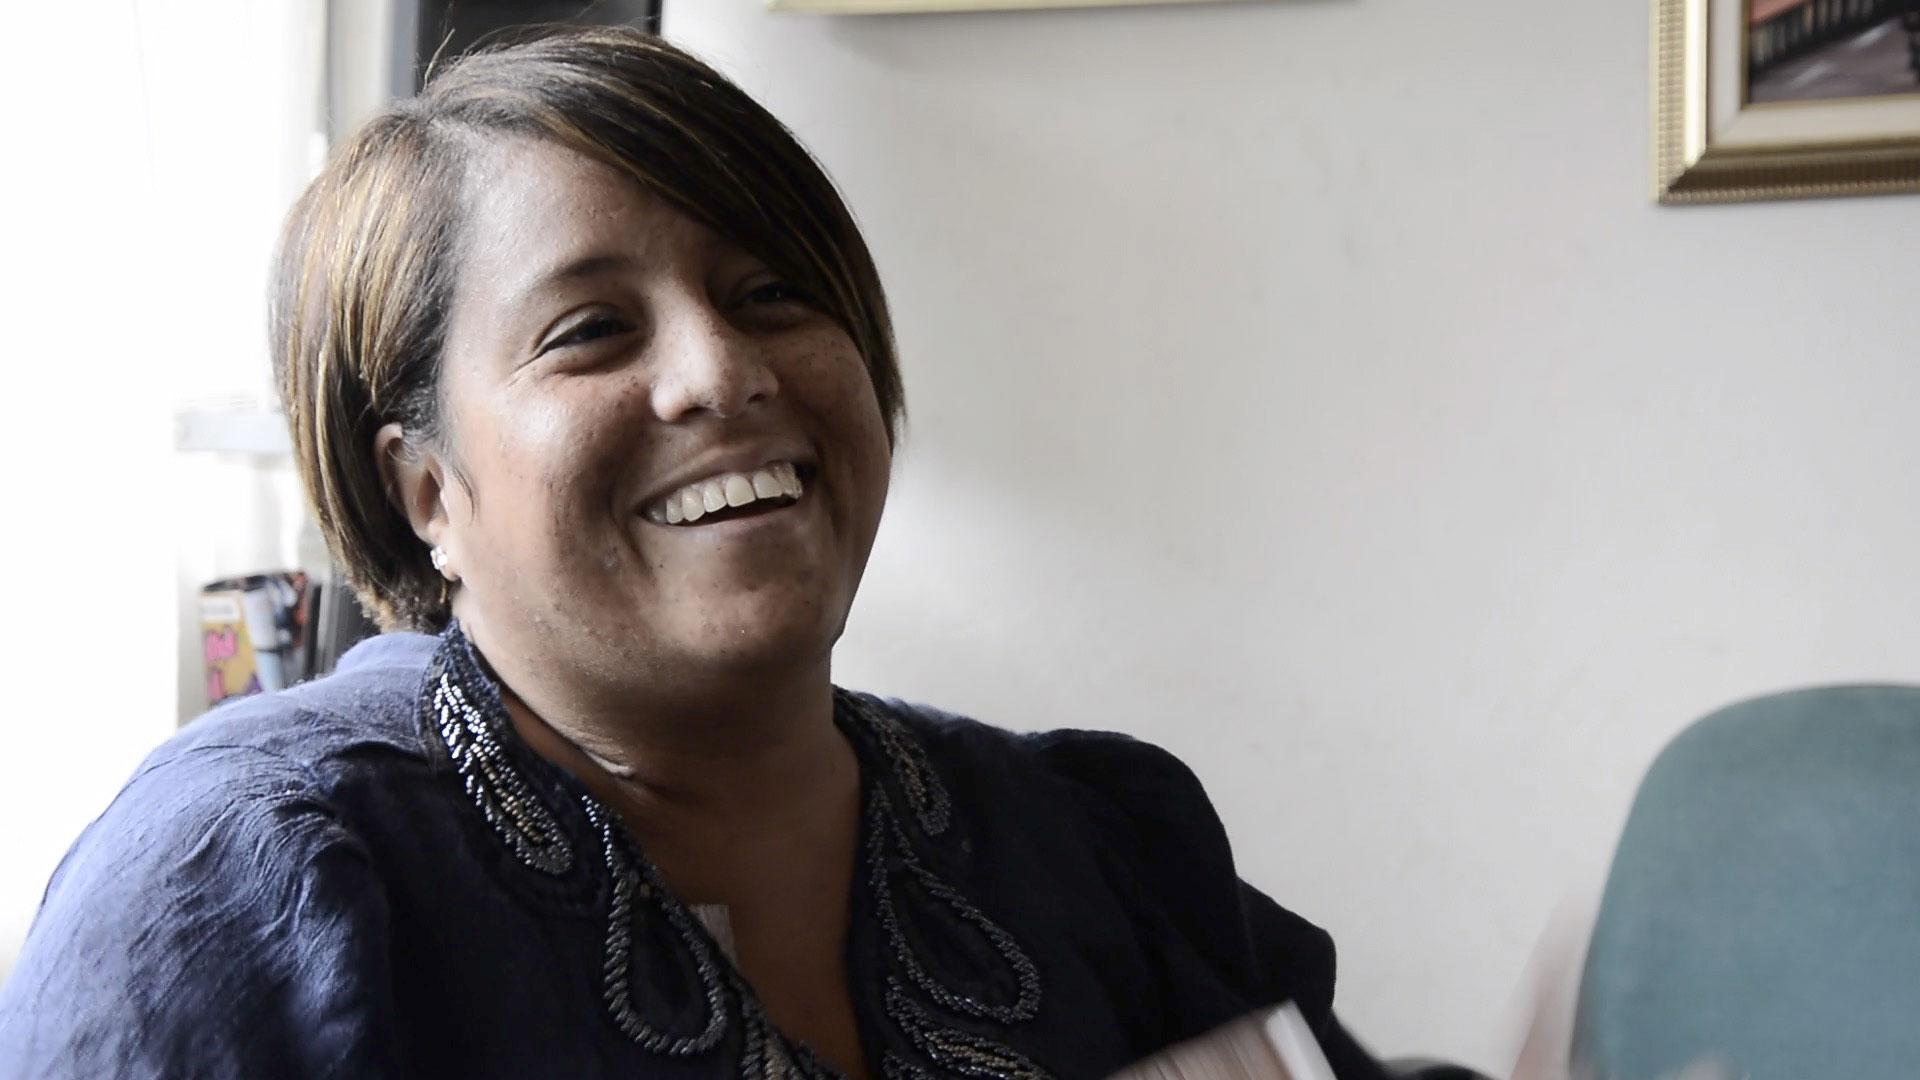 Contra el tiempo: Por 7 años, Nuria ha esperado un riñón que le salve la vida